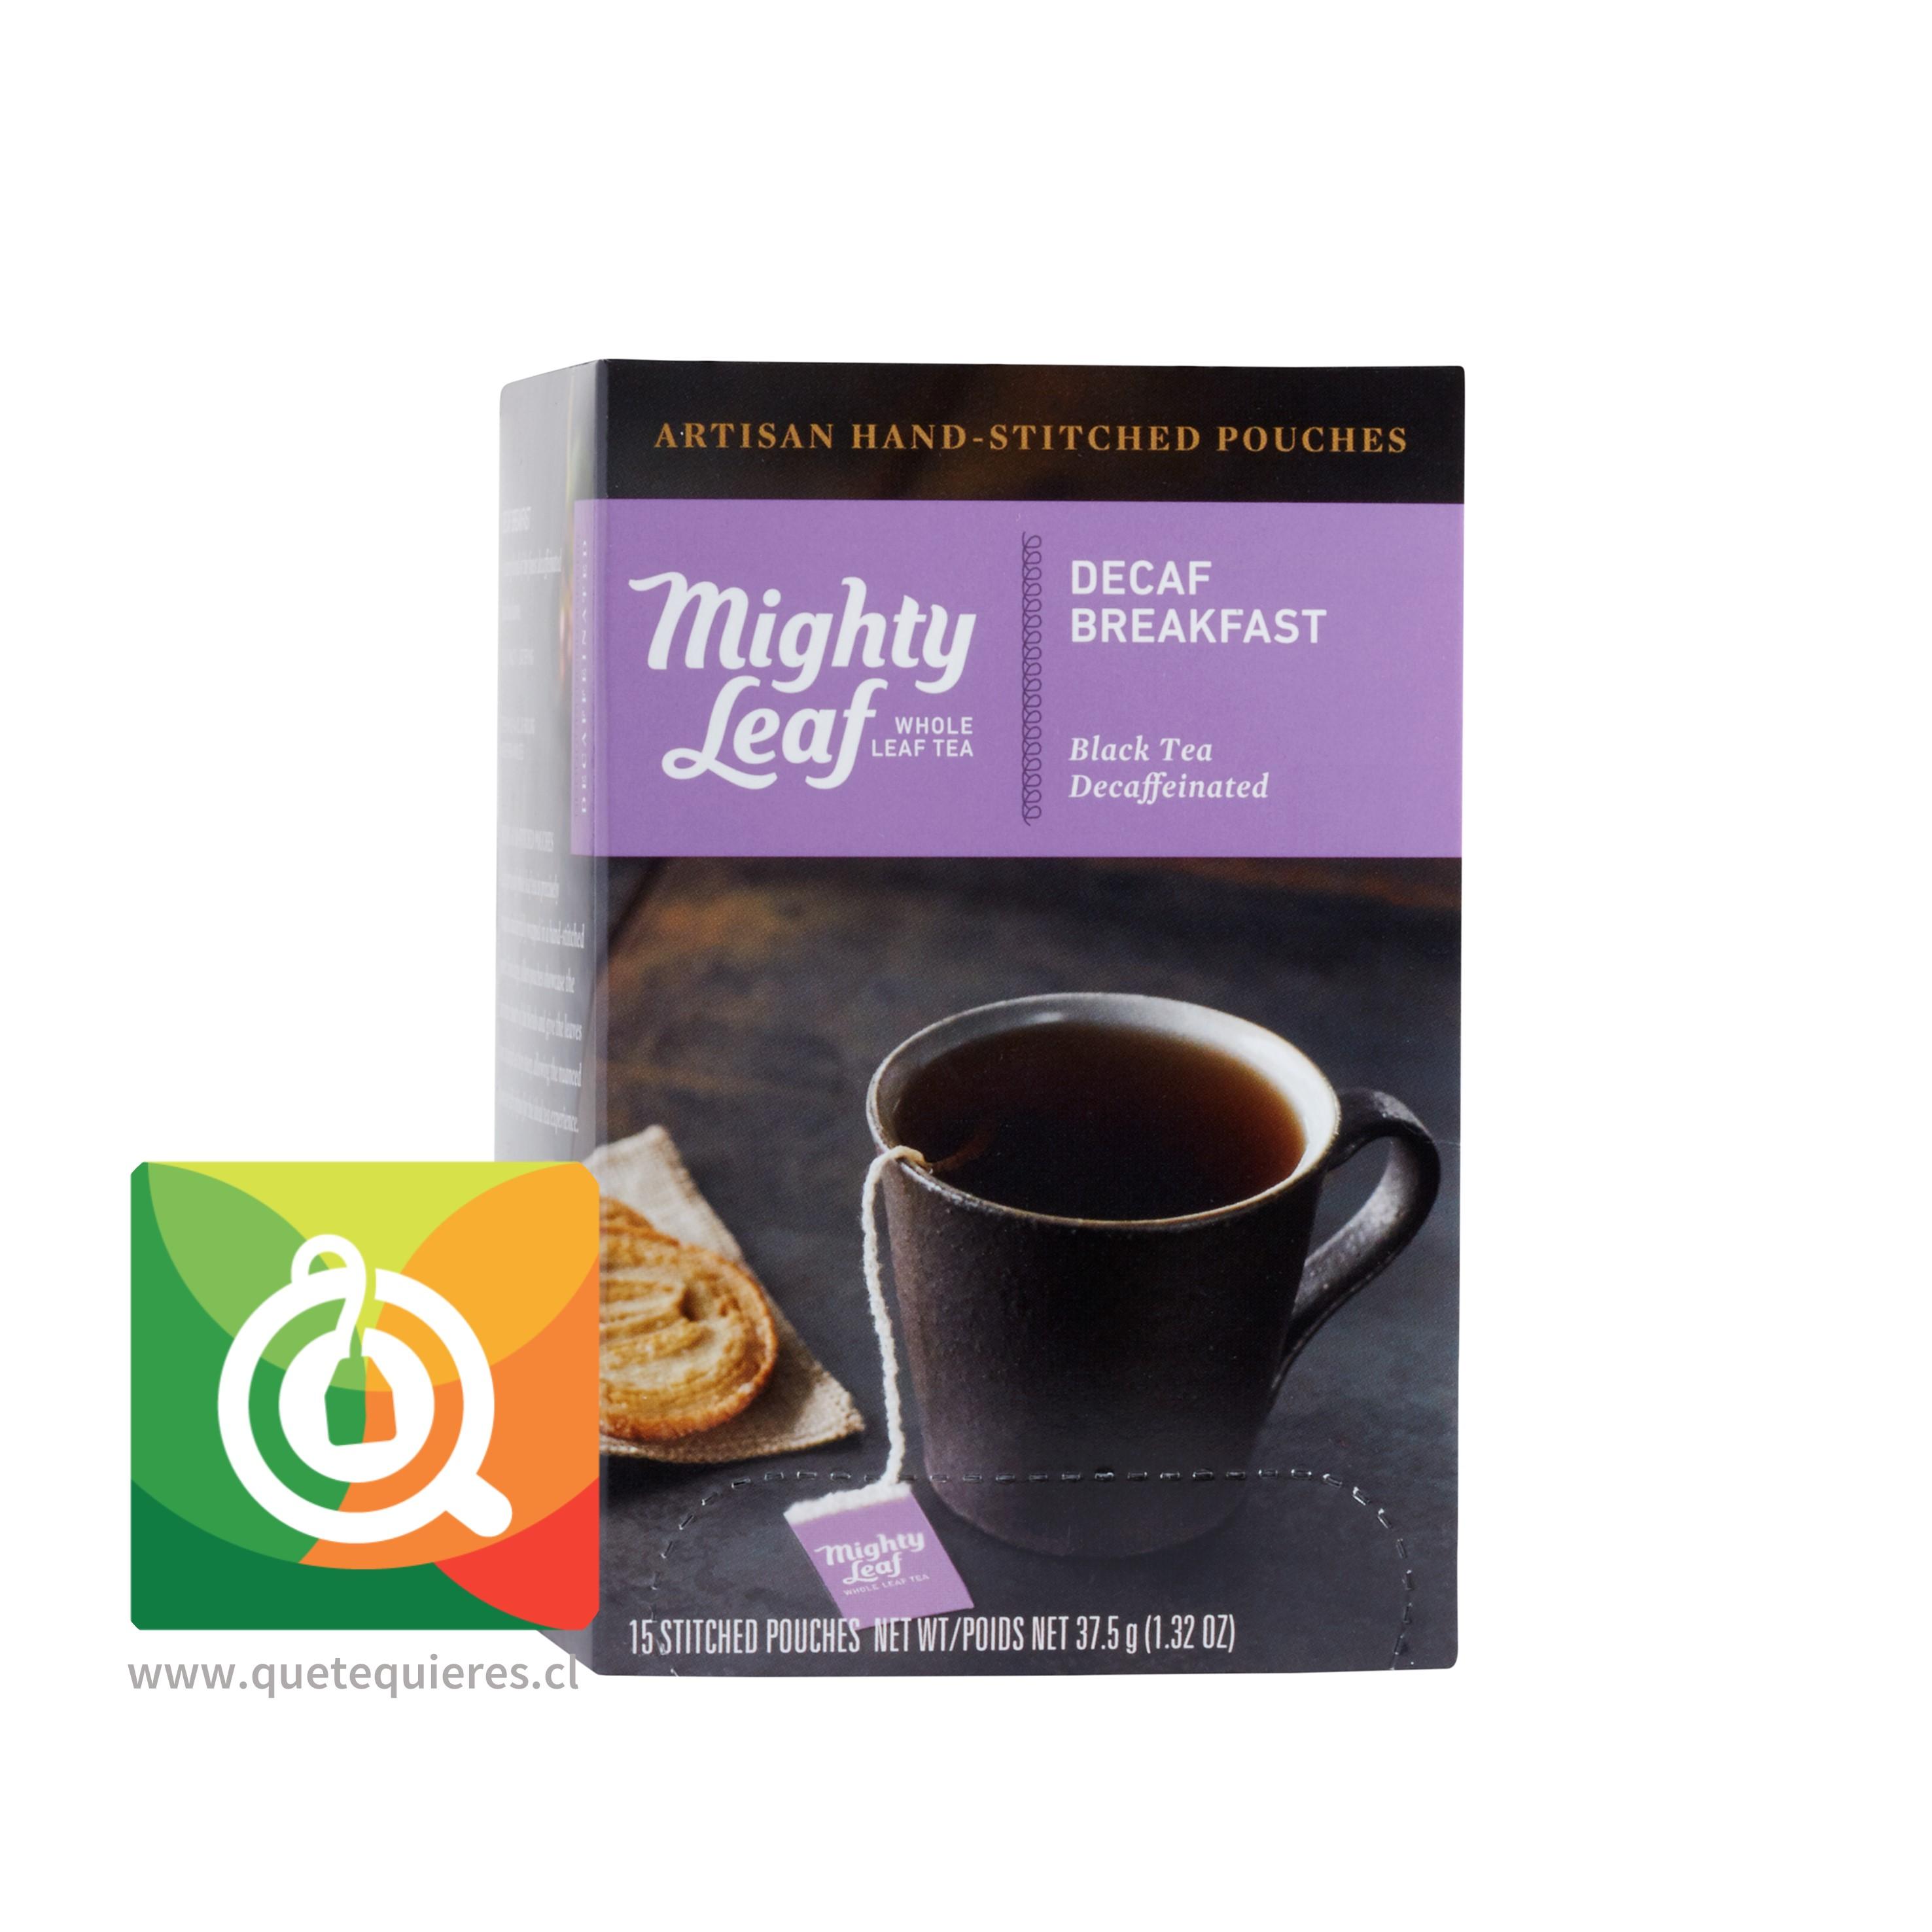 Mighty Leaf Té Negro Descafeinado - Decaf Breakfast- Image 2